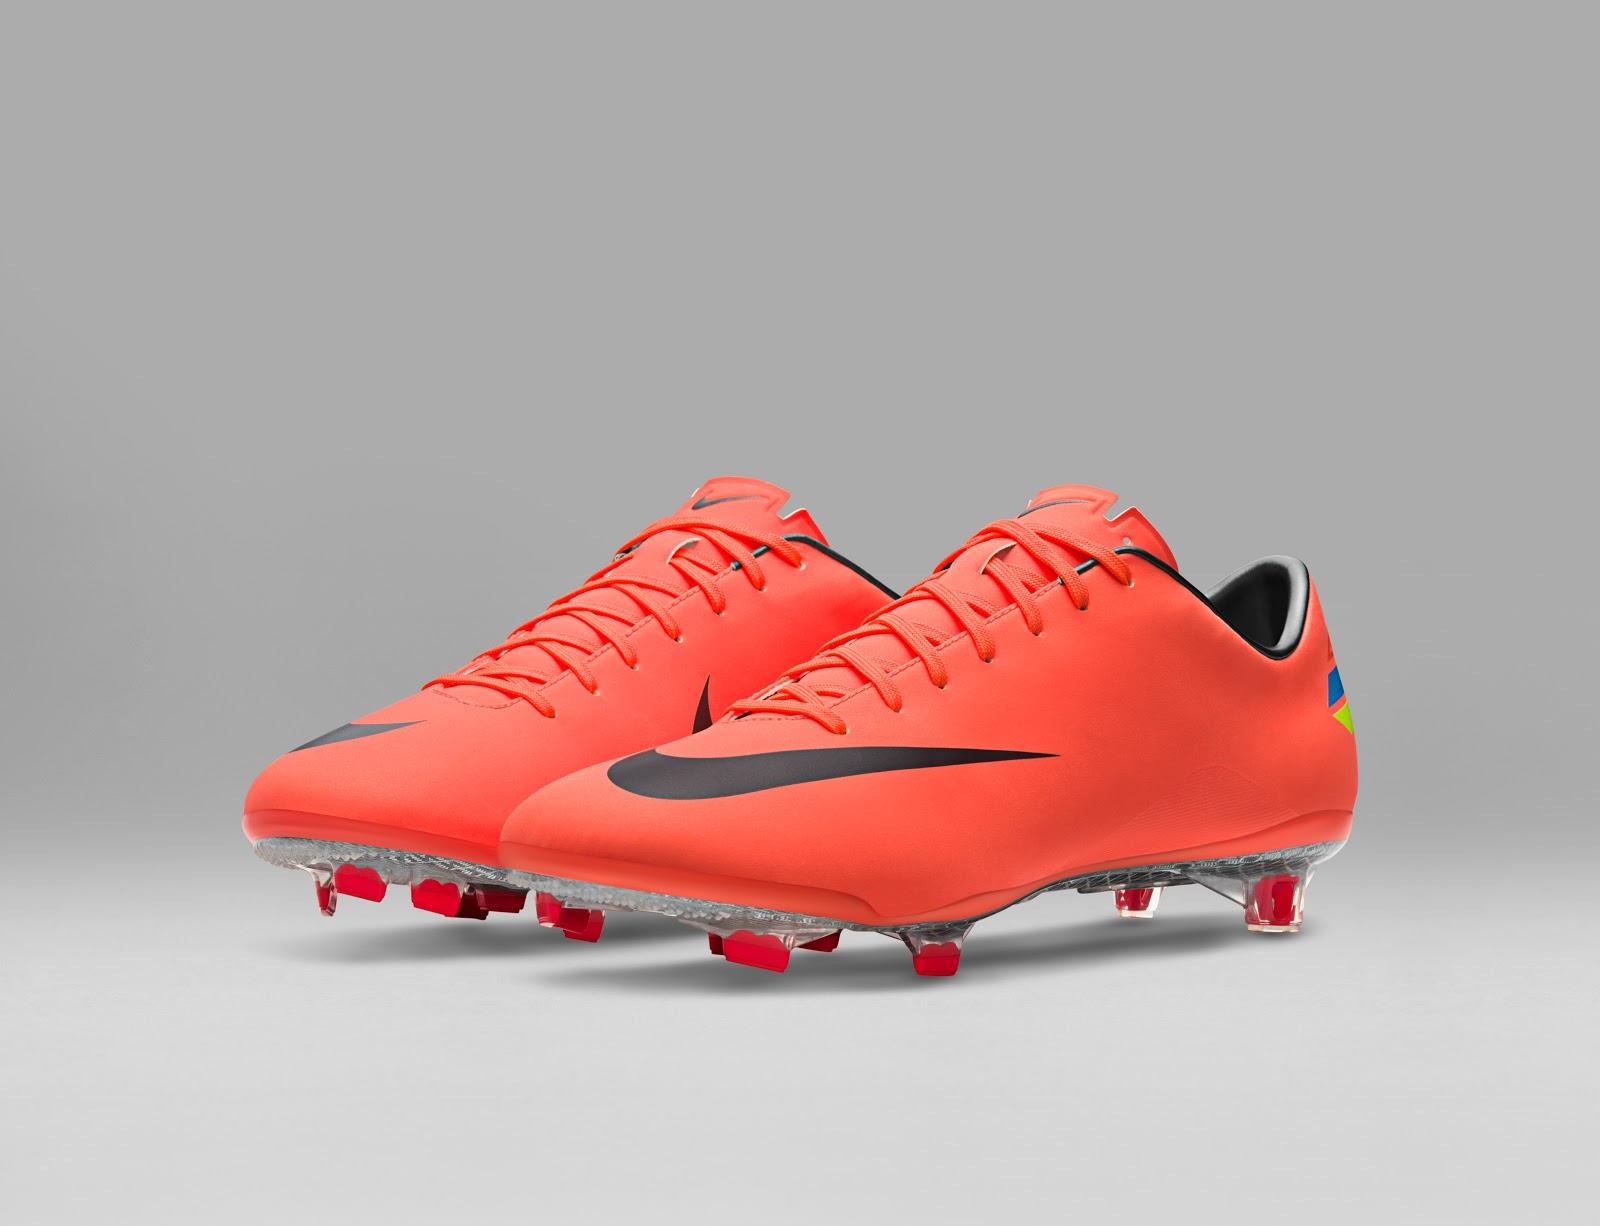 Nike Mercurial 2011